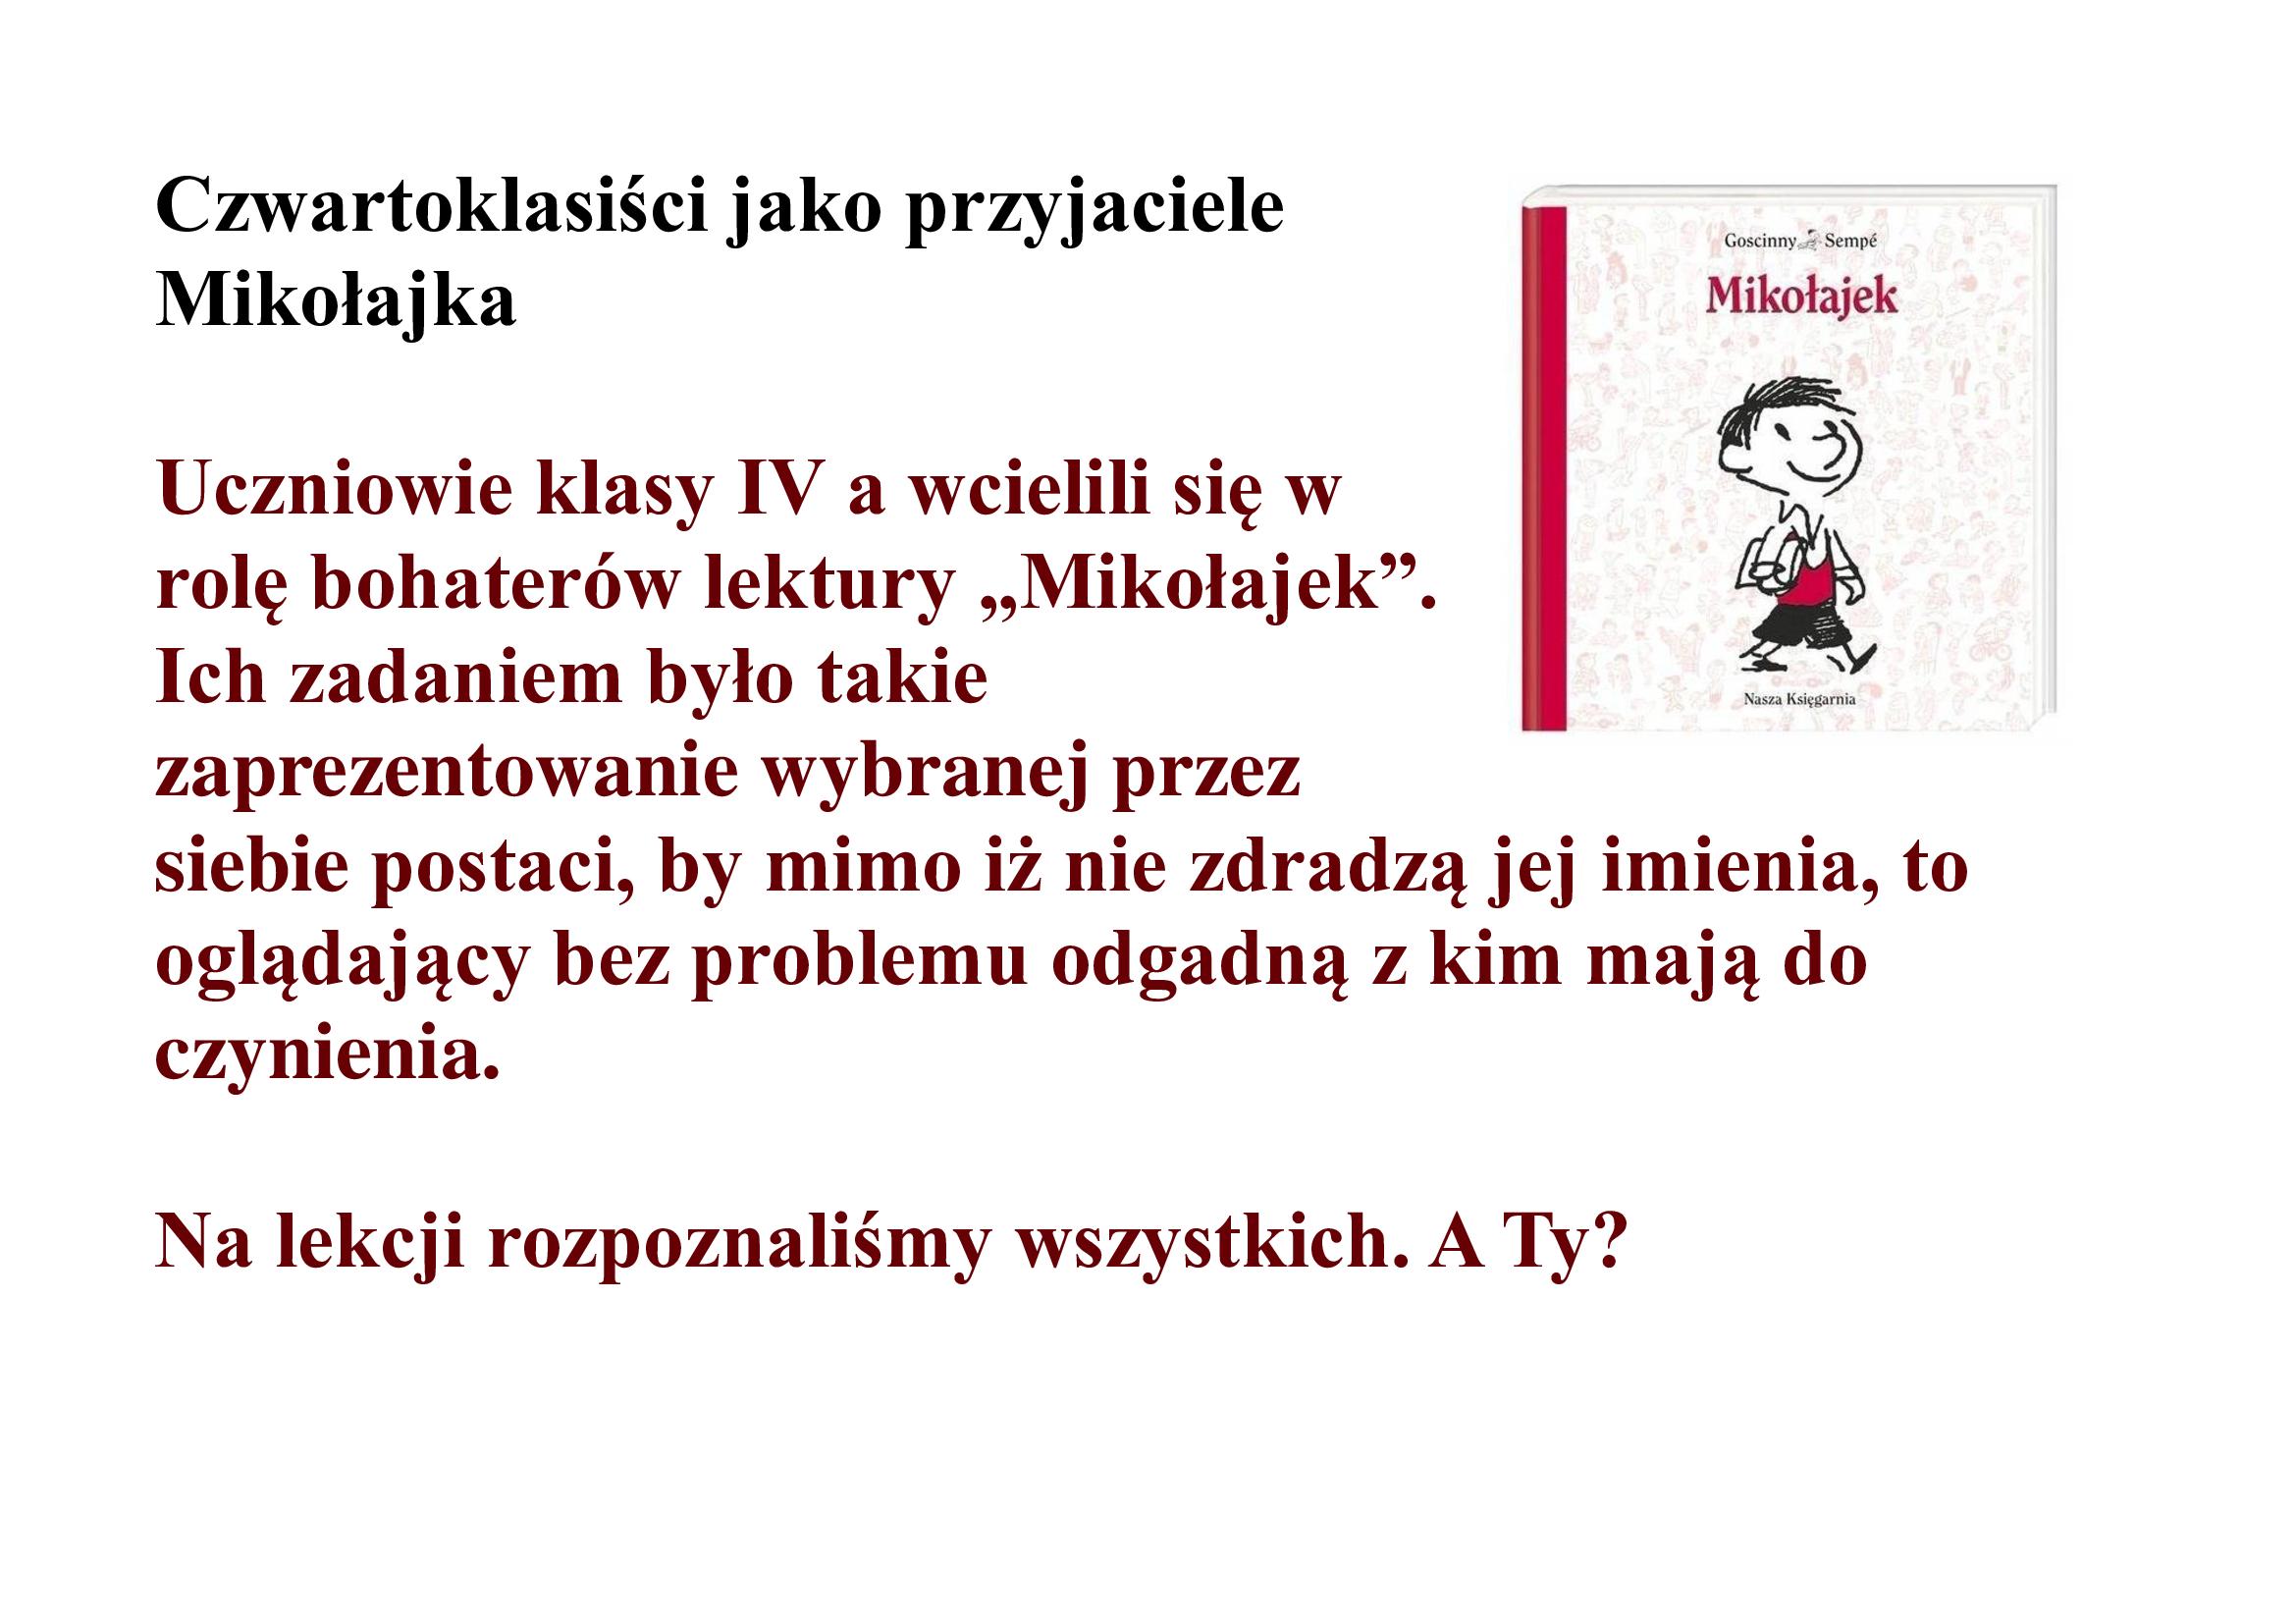 Czwartoklasiści jako przyjaciele Mikołajka